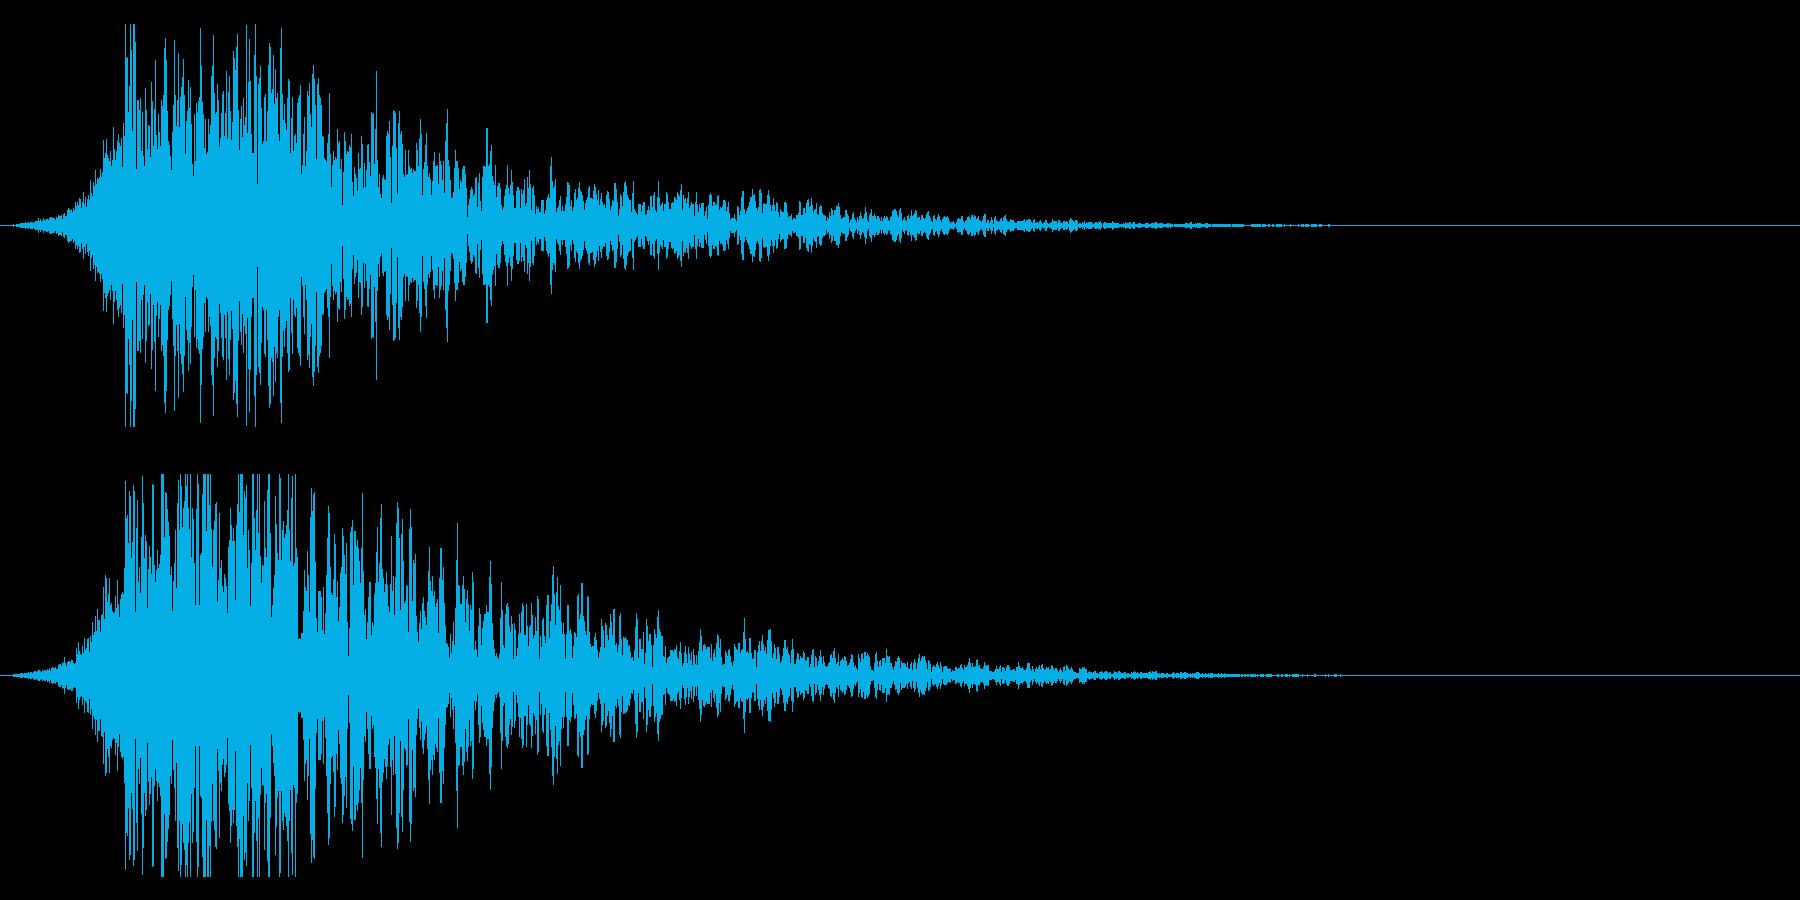 シュードーン-20-2(インパクト音)の再生済みの波形